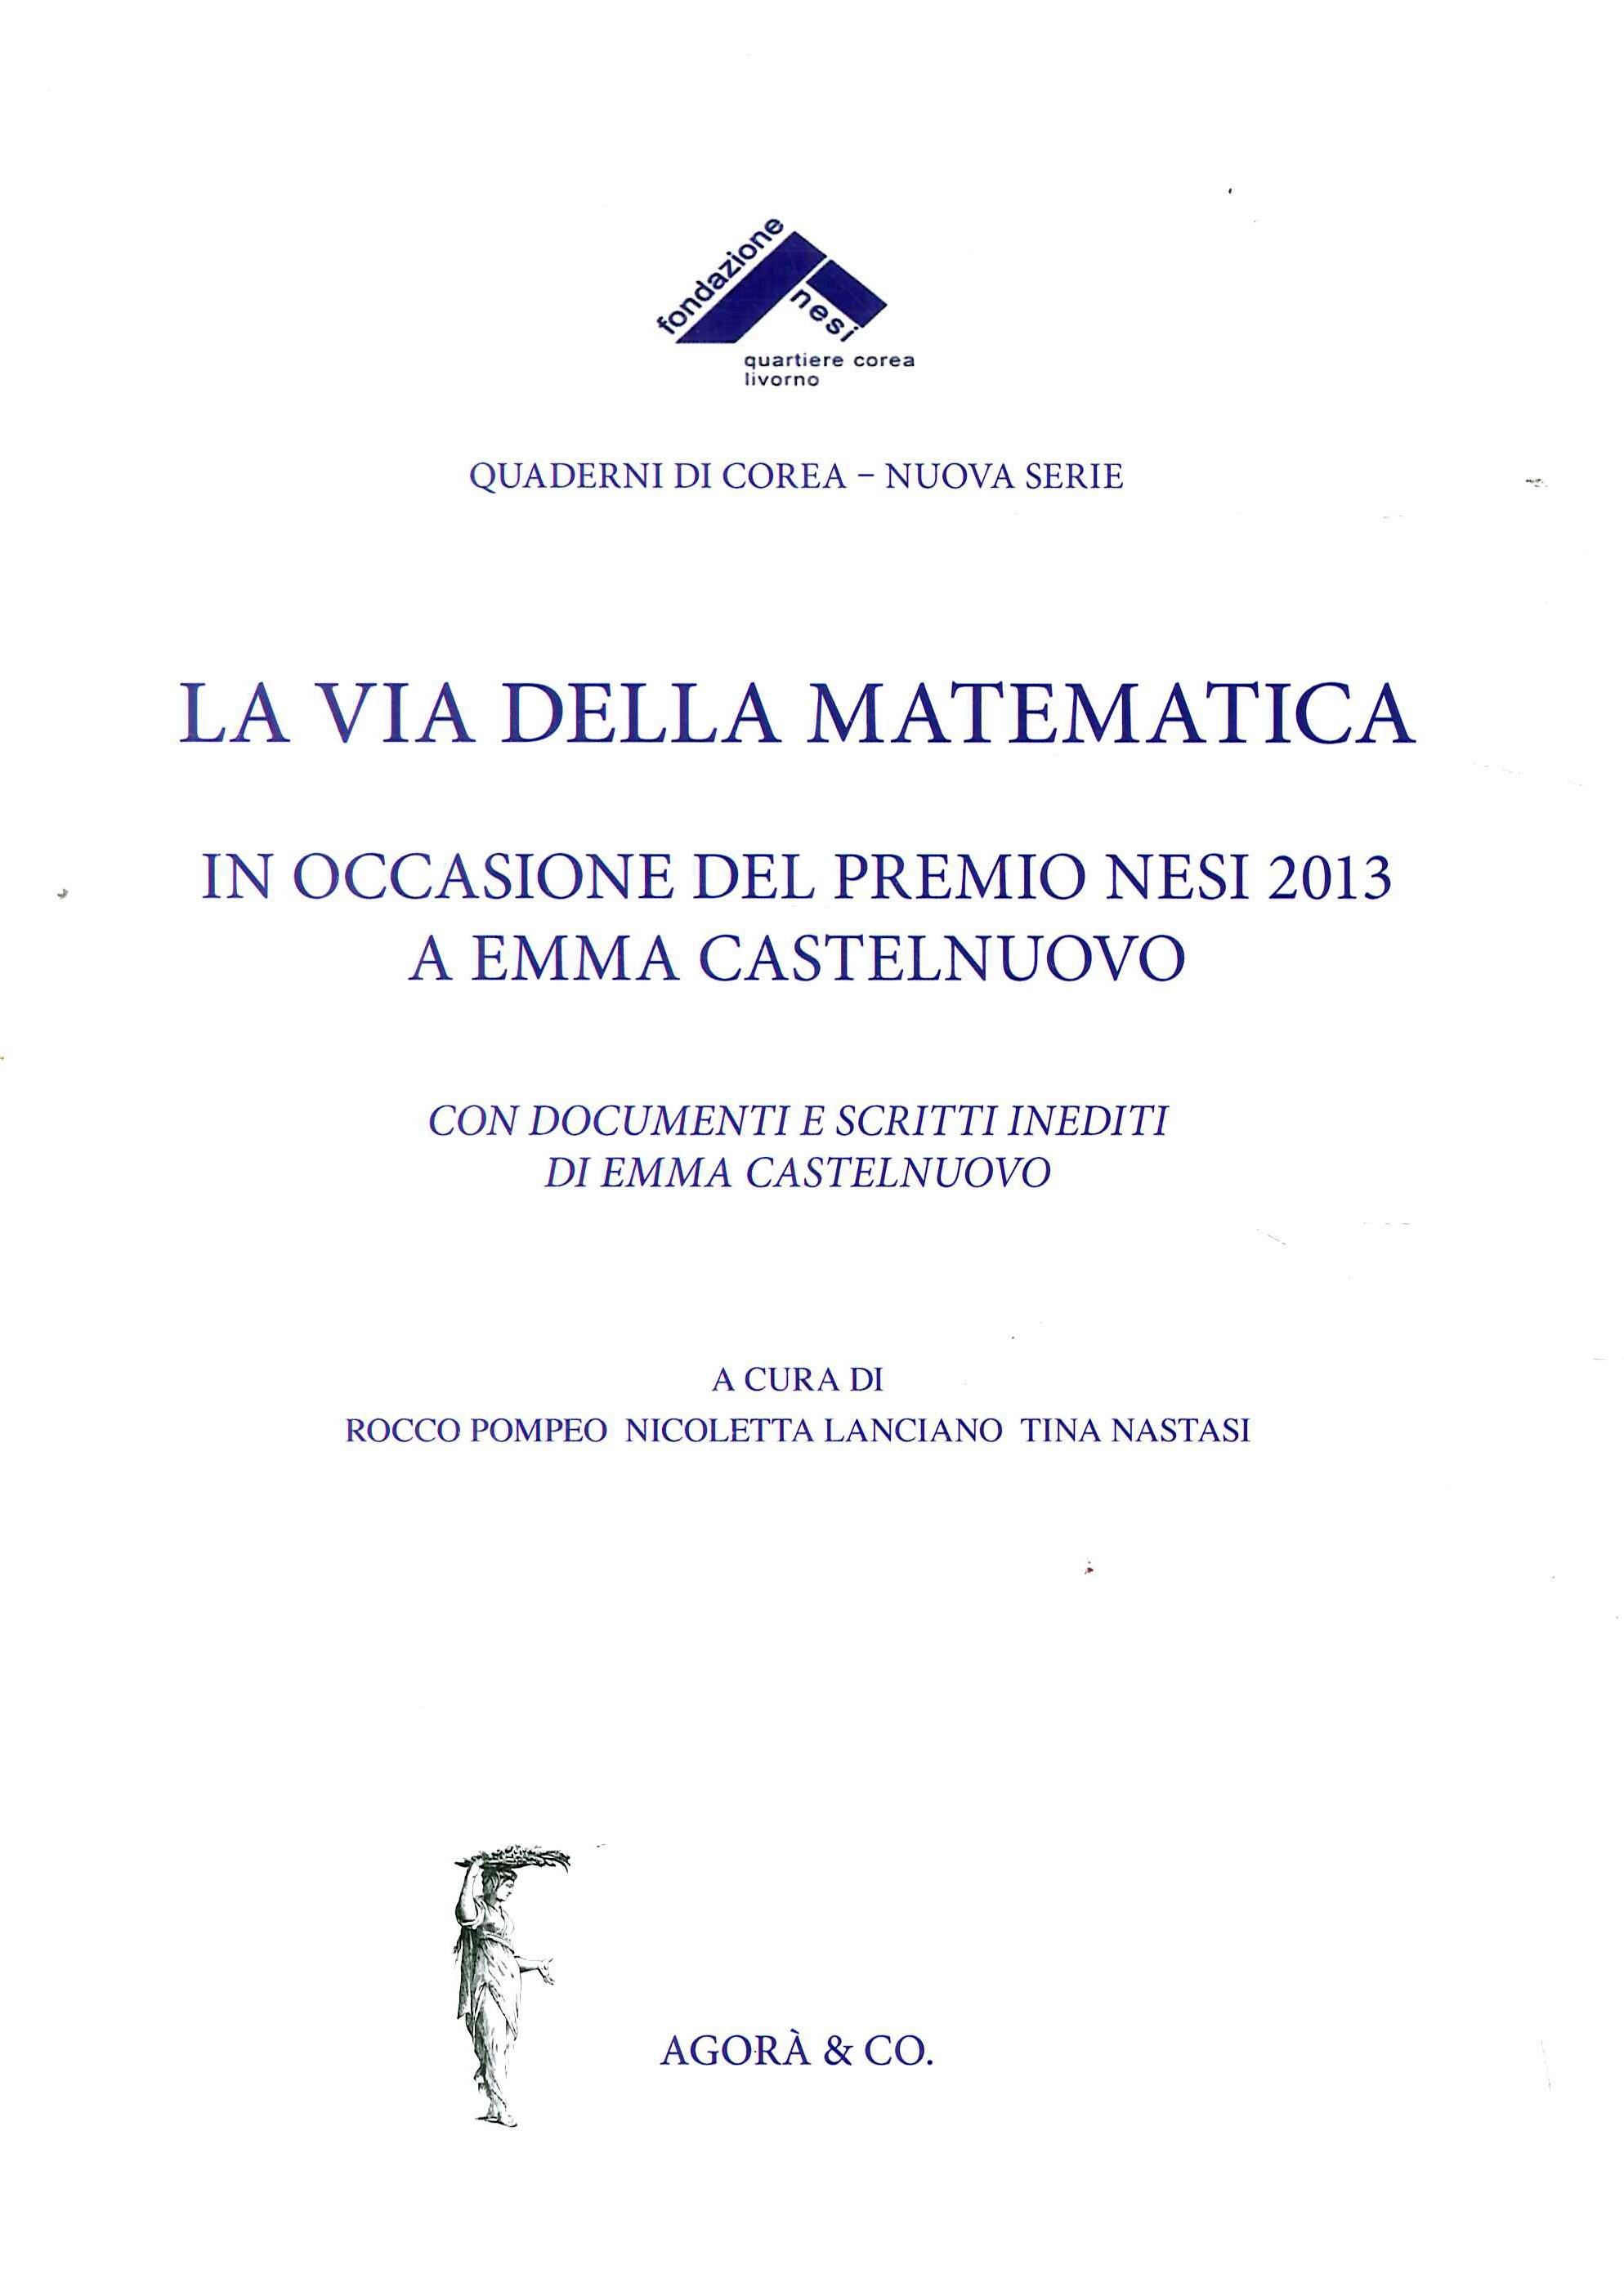 La via della matematica. In occasione del premio Nesi 2013 a Emma Castelnuovo. Con documenti e scritti inediti di Emma Castelnuovo.